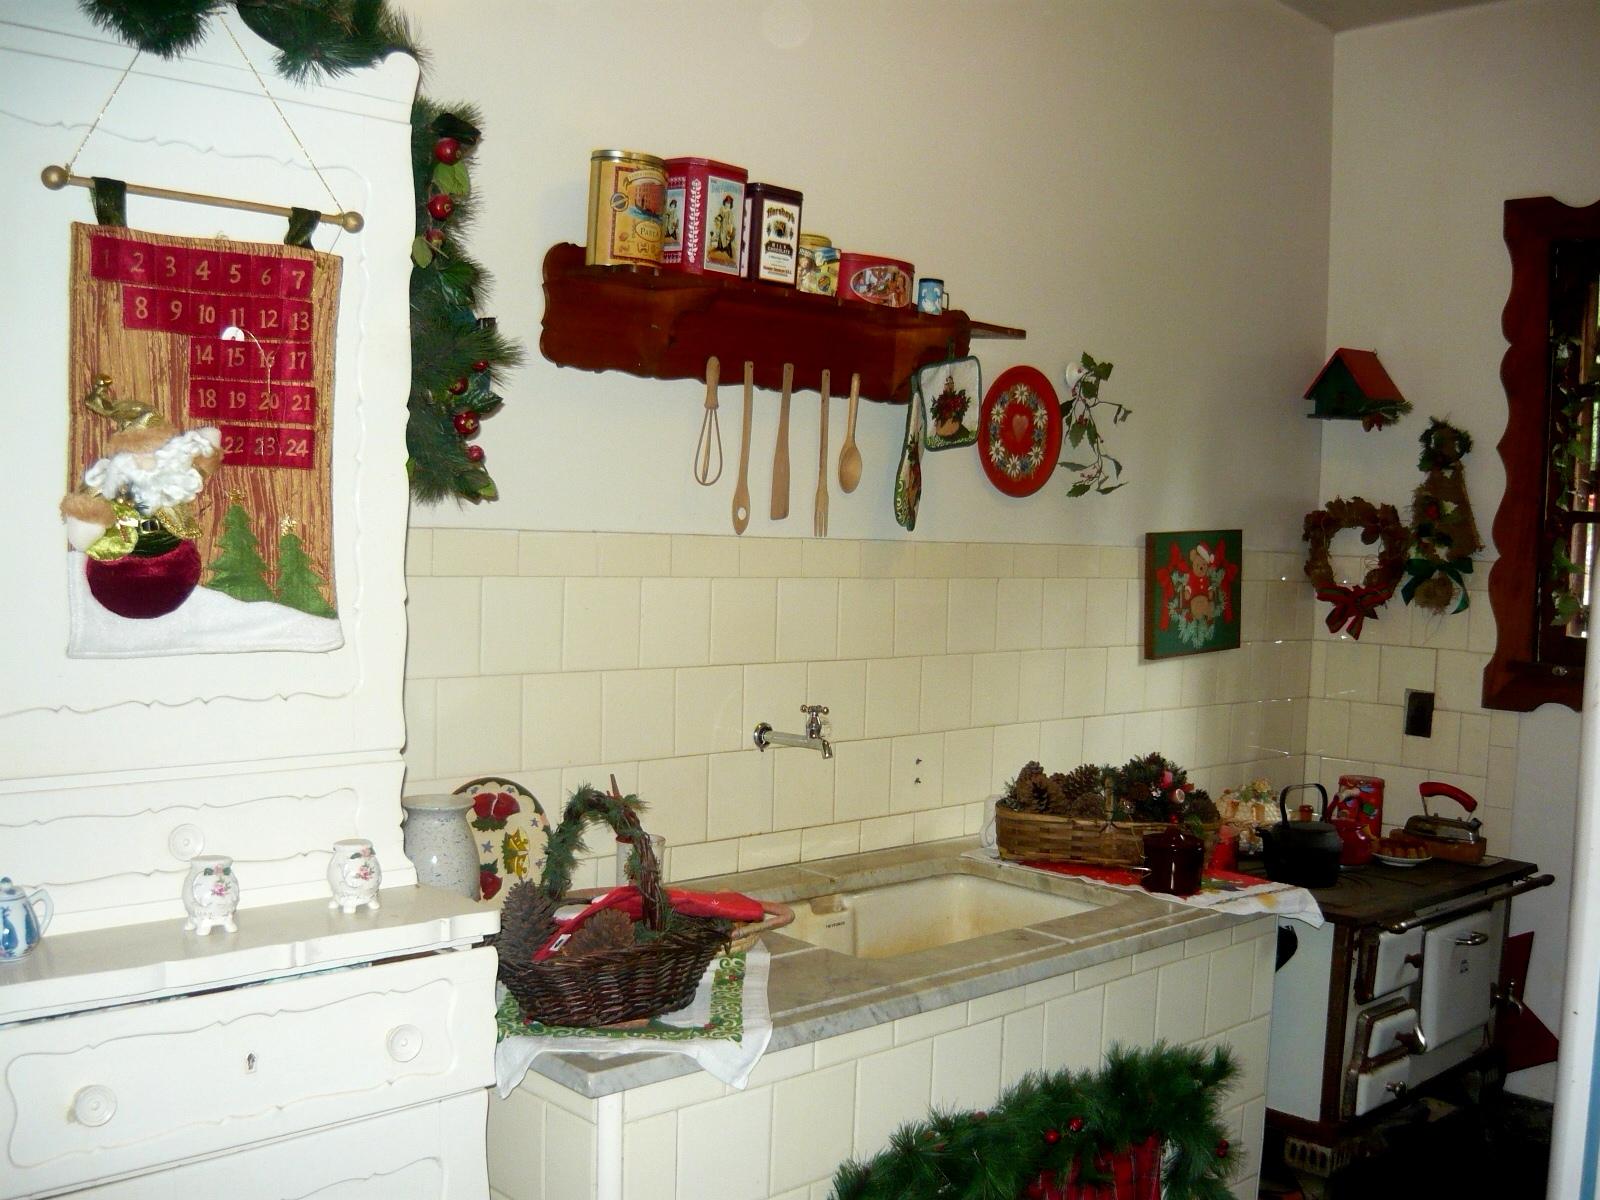 Decoração Banheiro Natal  gotoworldfrcom decoração de banheiro simples de p -> Decoracao Banheiro Natal